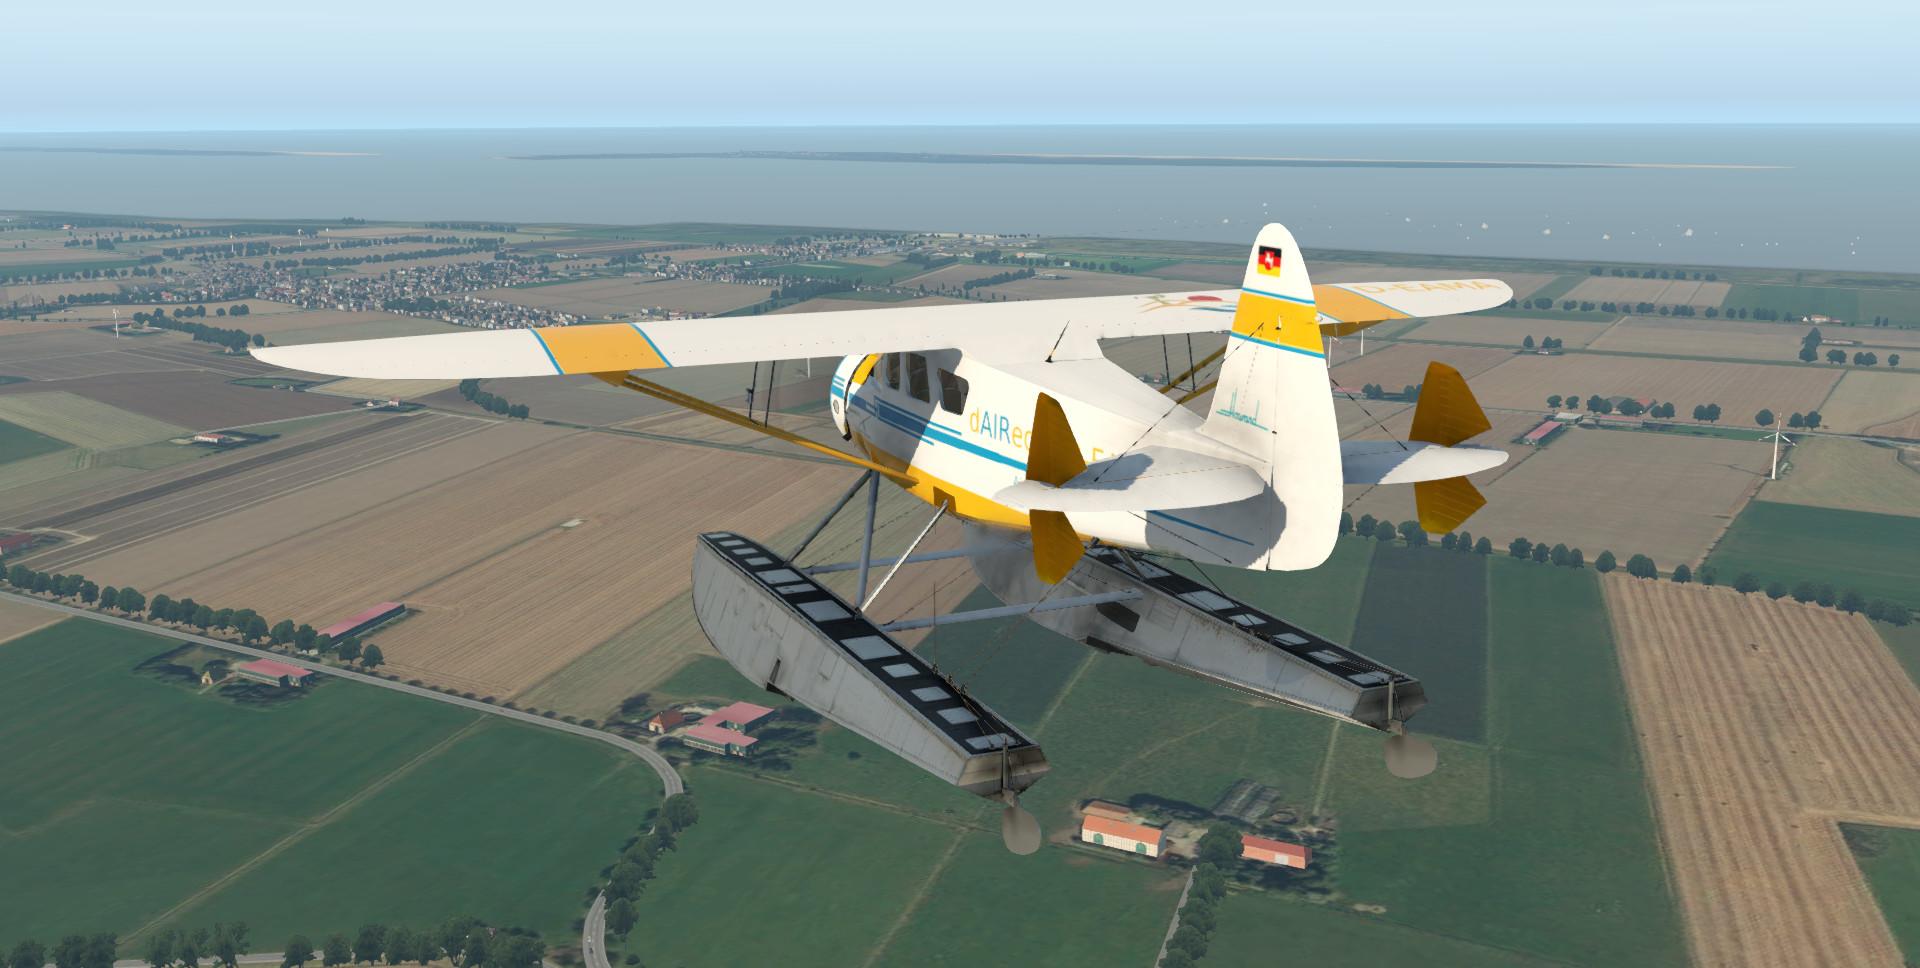 nordseerundflug-006h9kyu.jpg